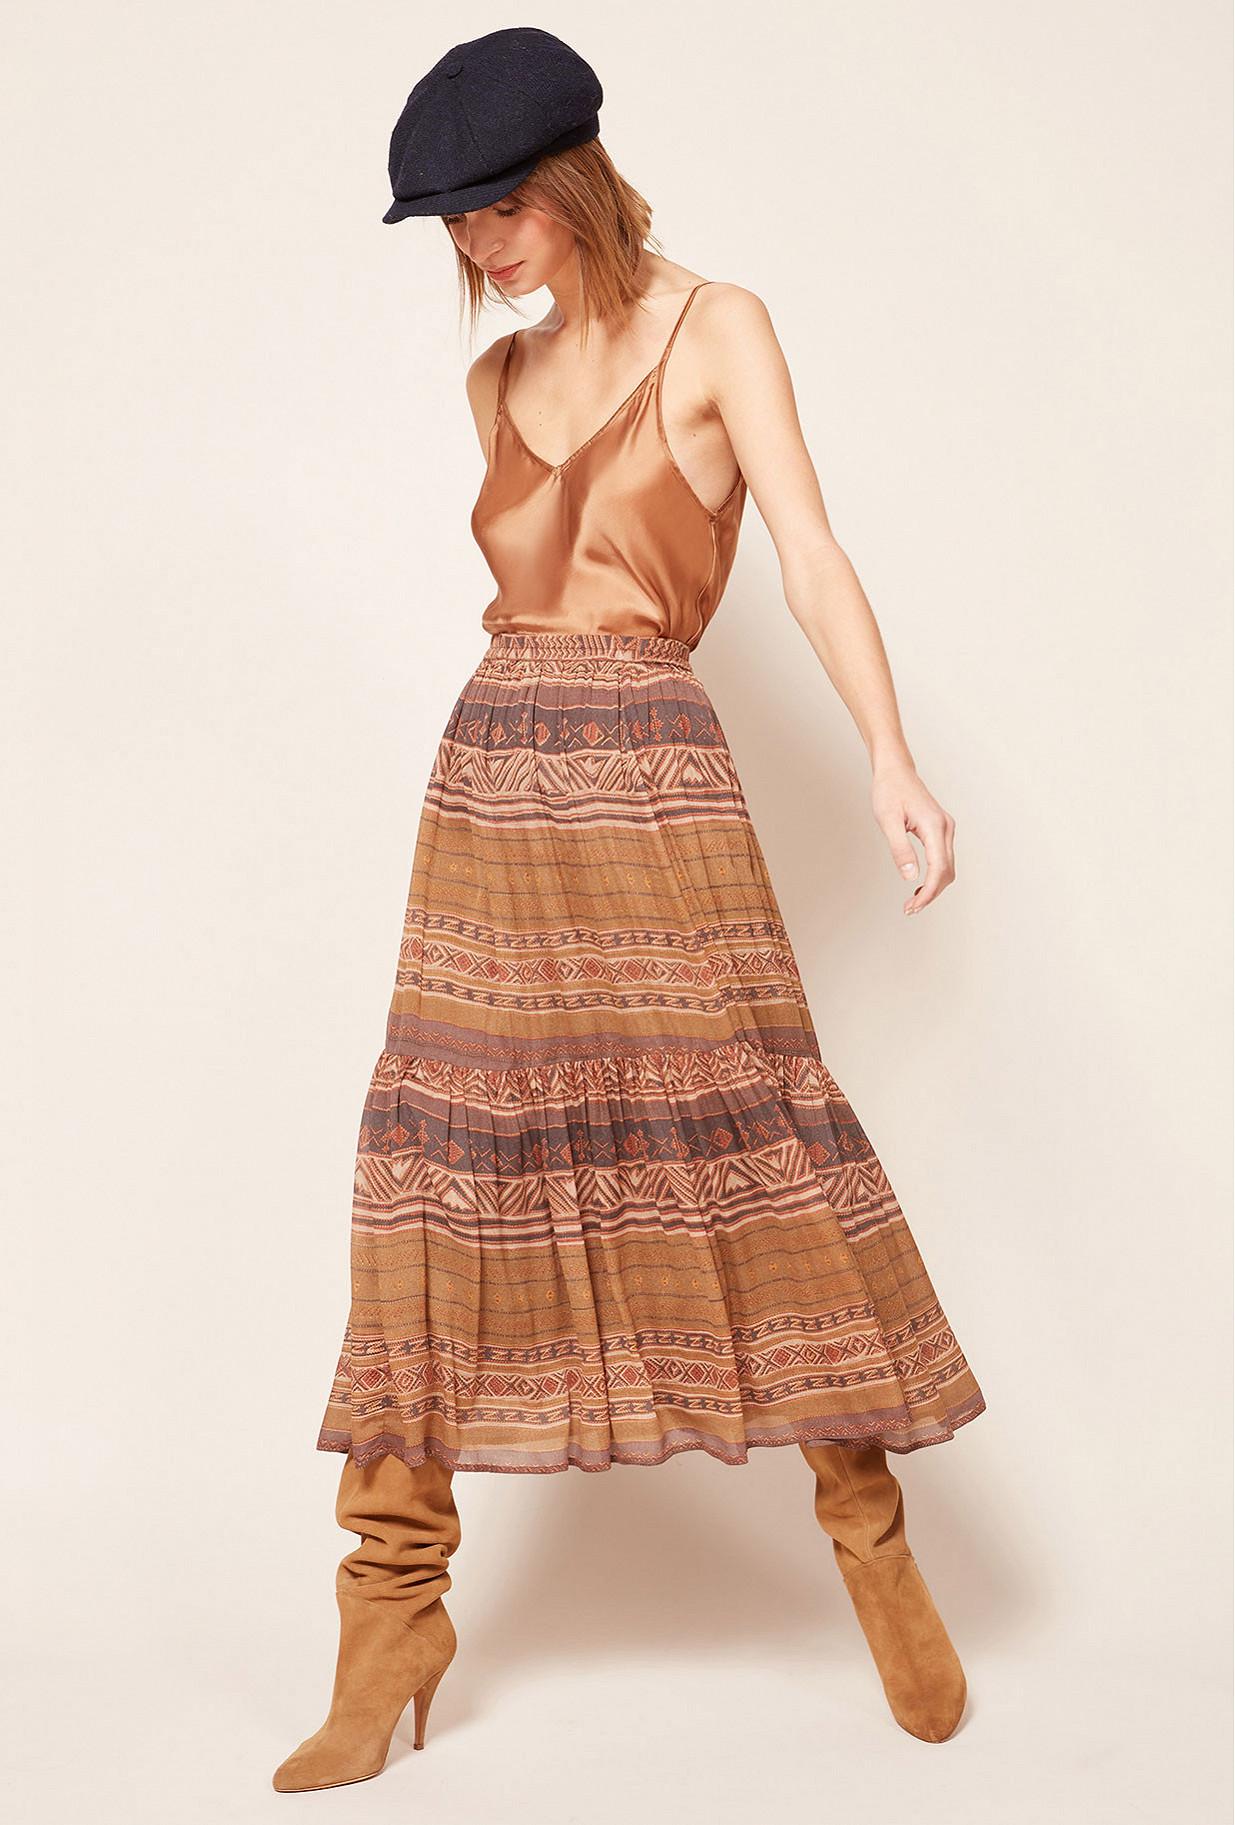 Parma print  Skirt  Contralto Mes demoiselles fashion clothes designer Paris